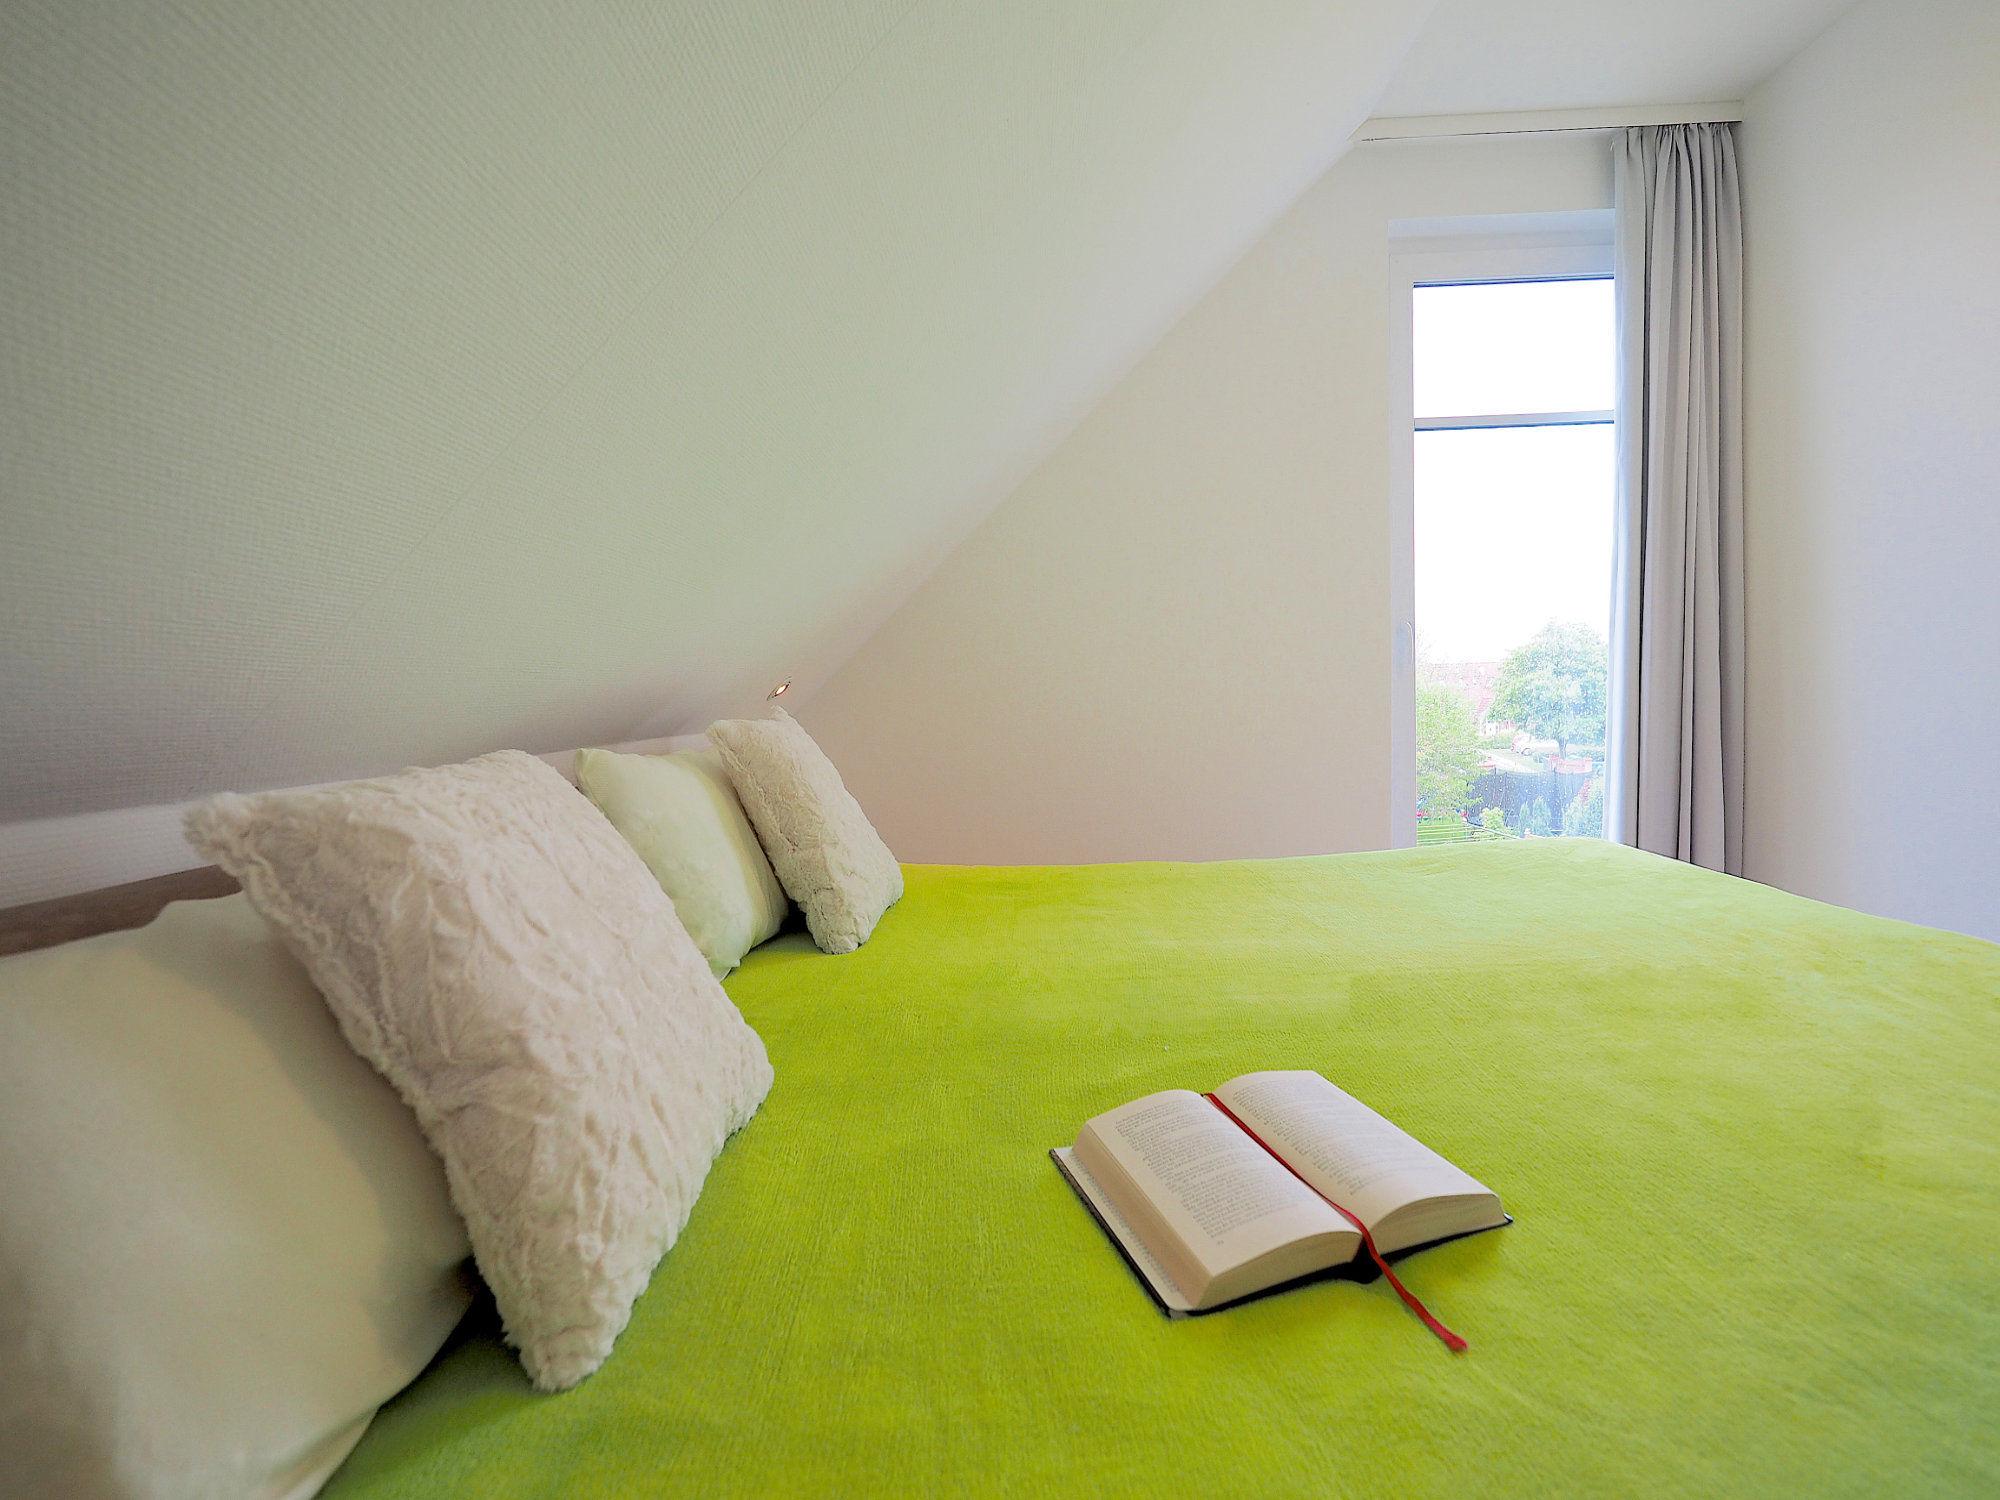 Schlafzimmer mit Doppelbett, Kopfende, Blick zur Balkontür